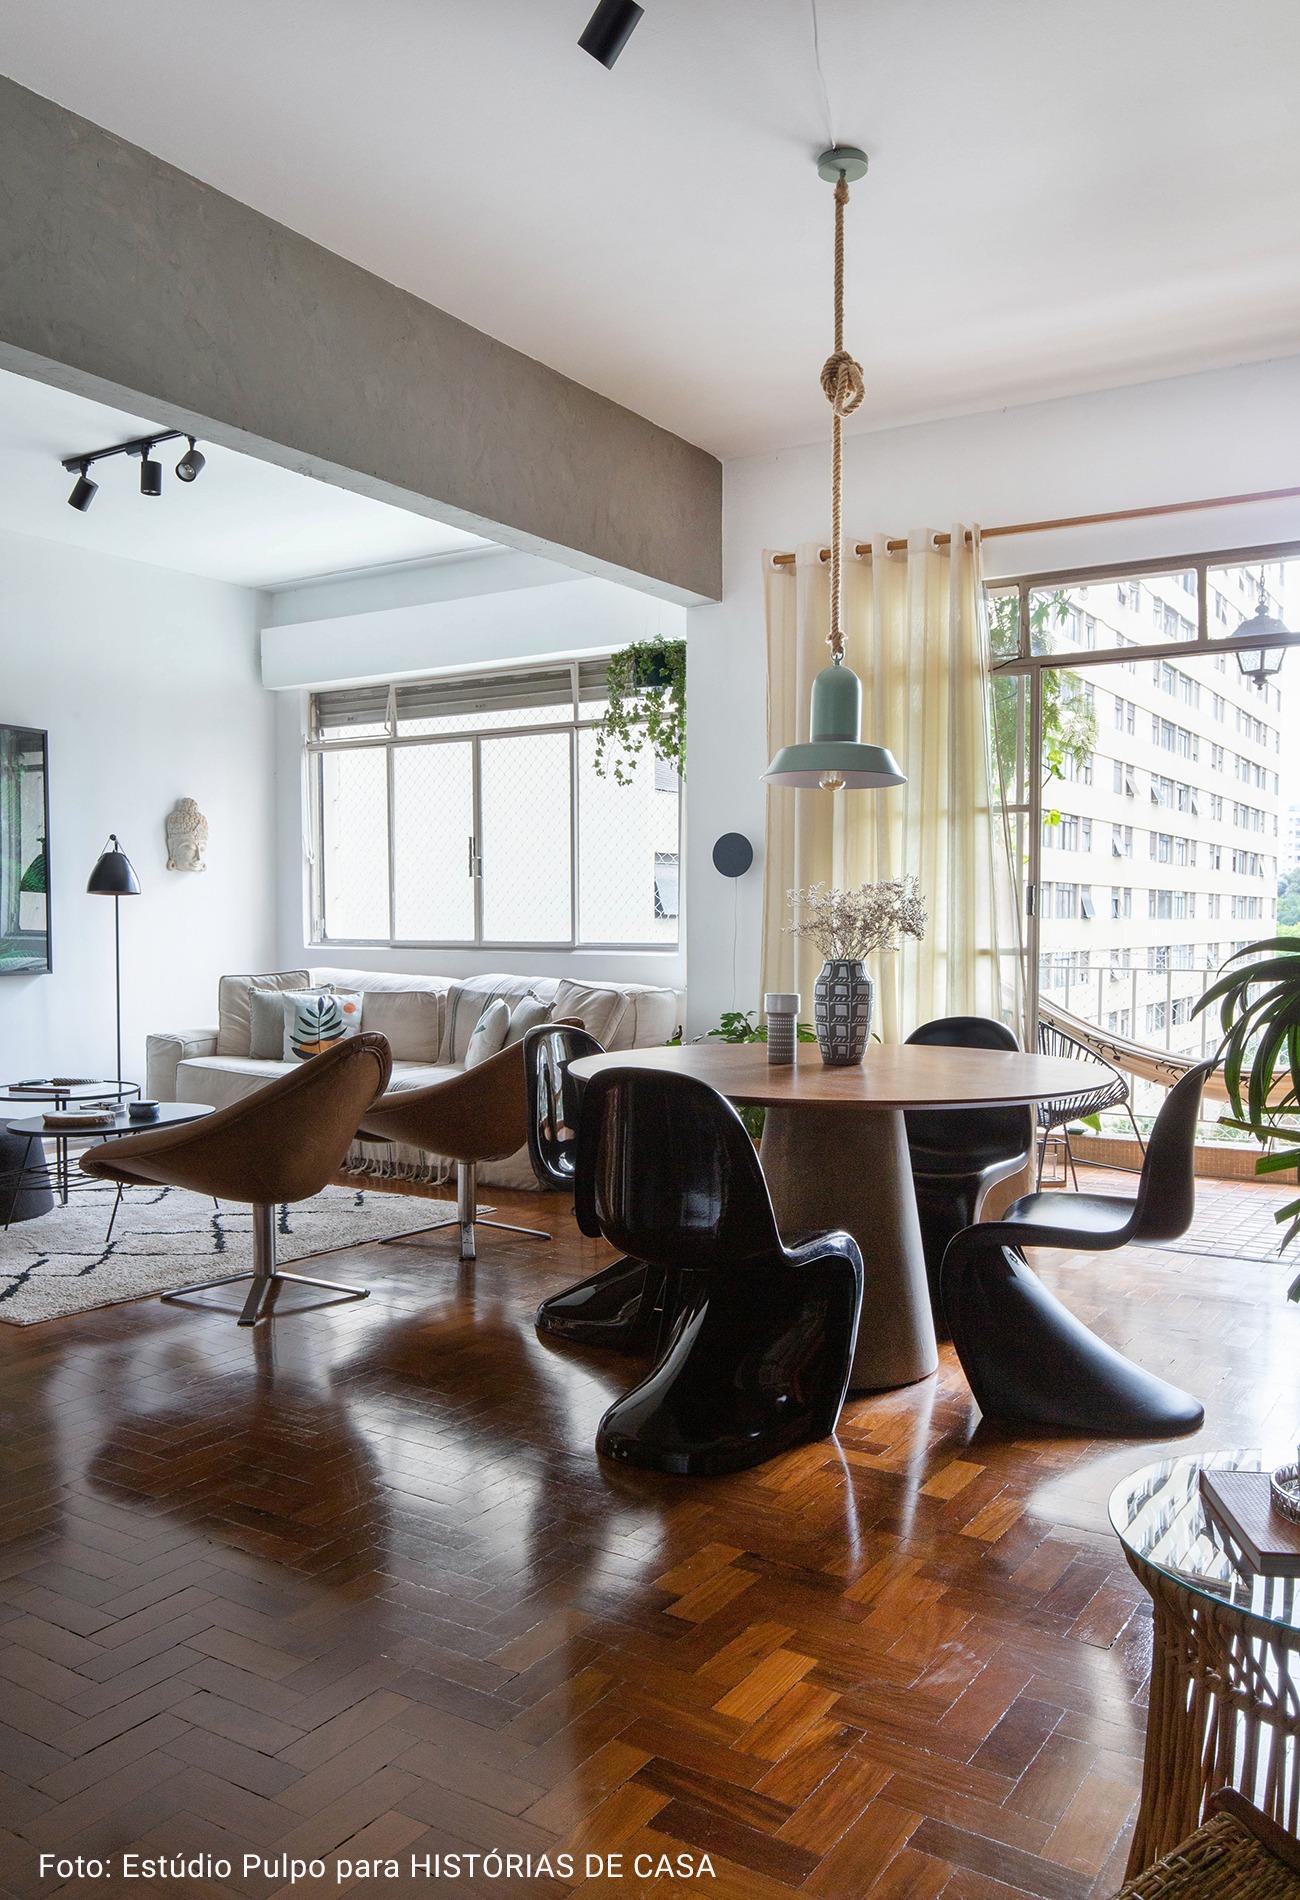 apartamento com cadeiras estilo anos 70